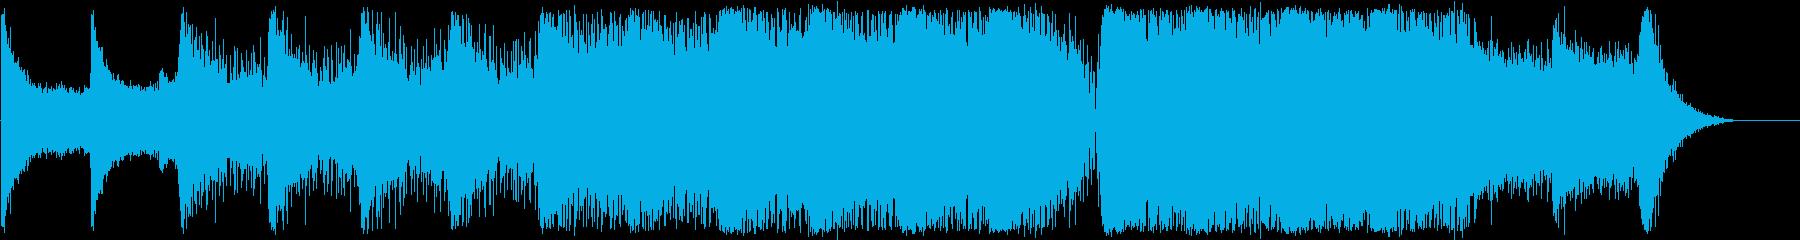 サイバー、SF/テクスチャーの再生済みの波形